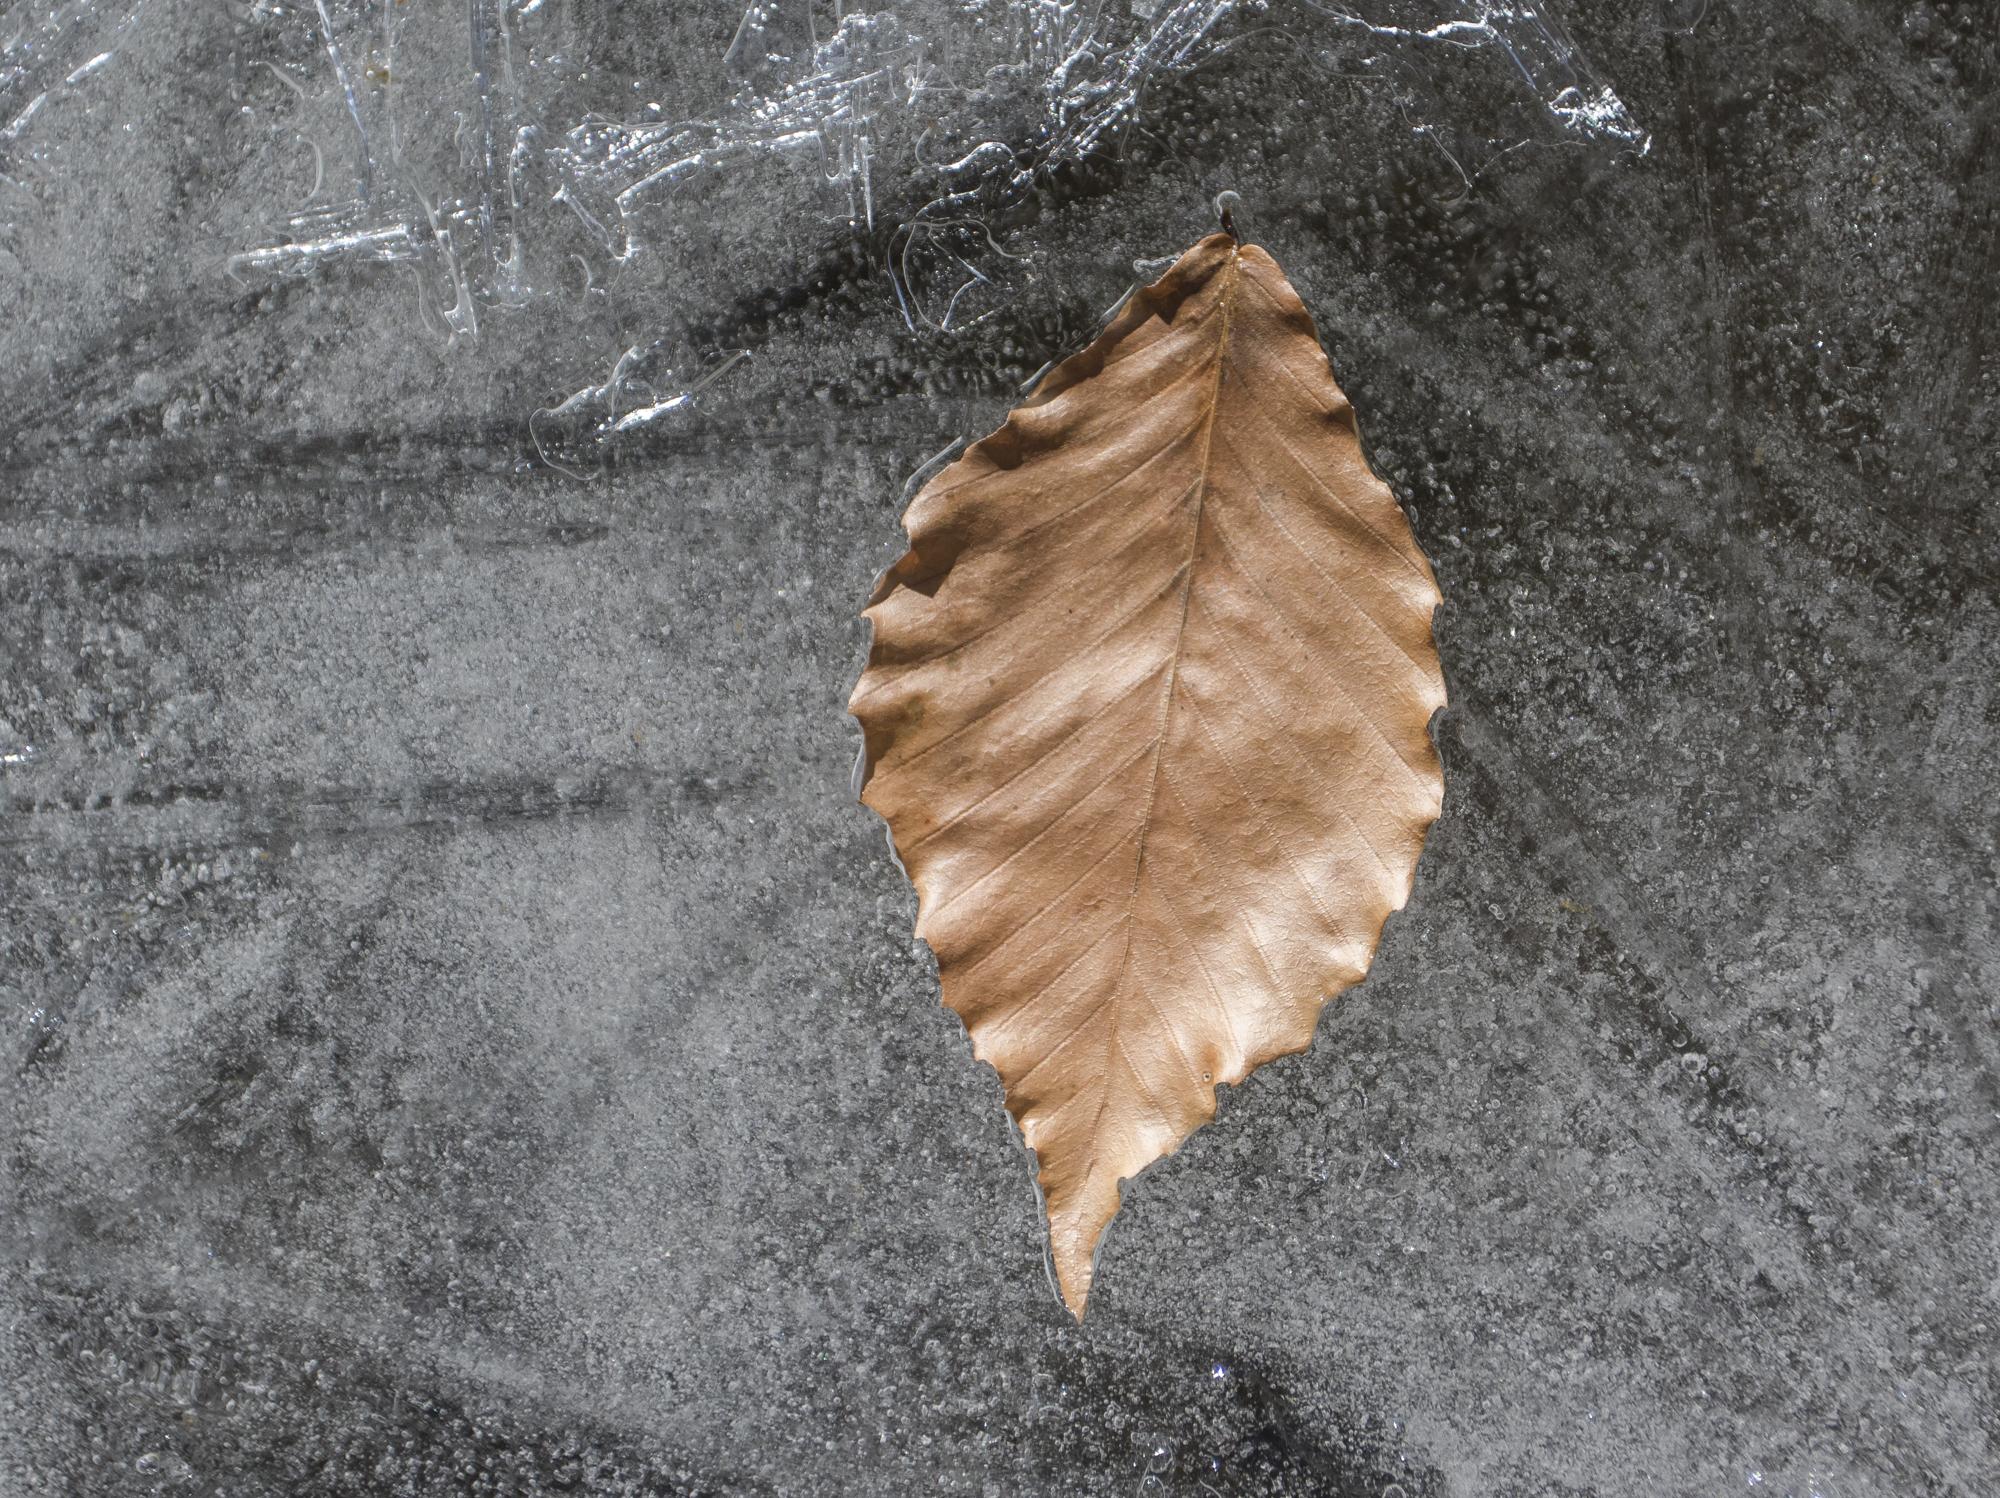 beech leaf on ice